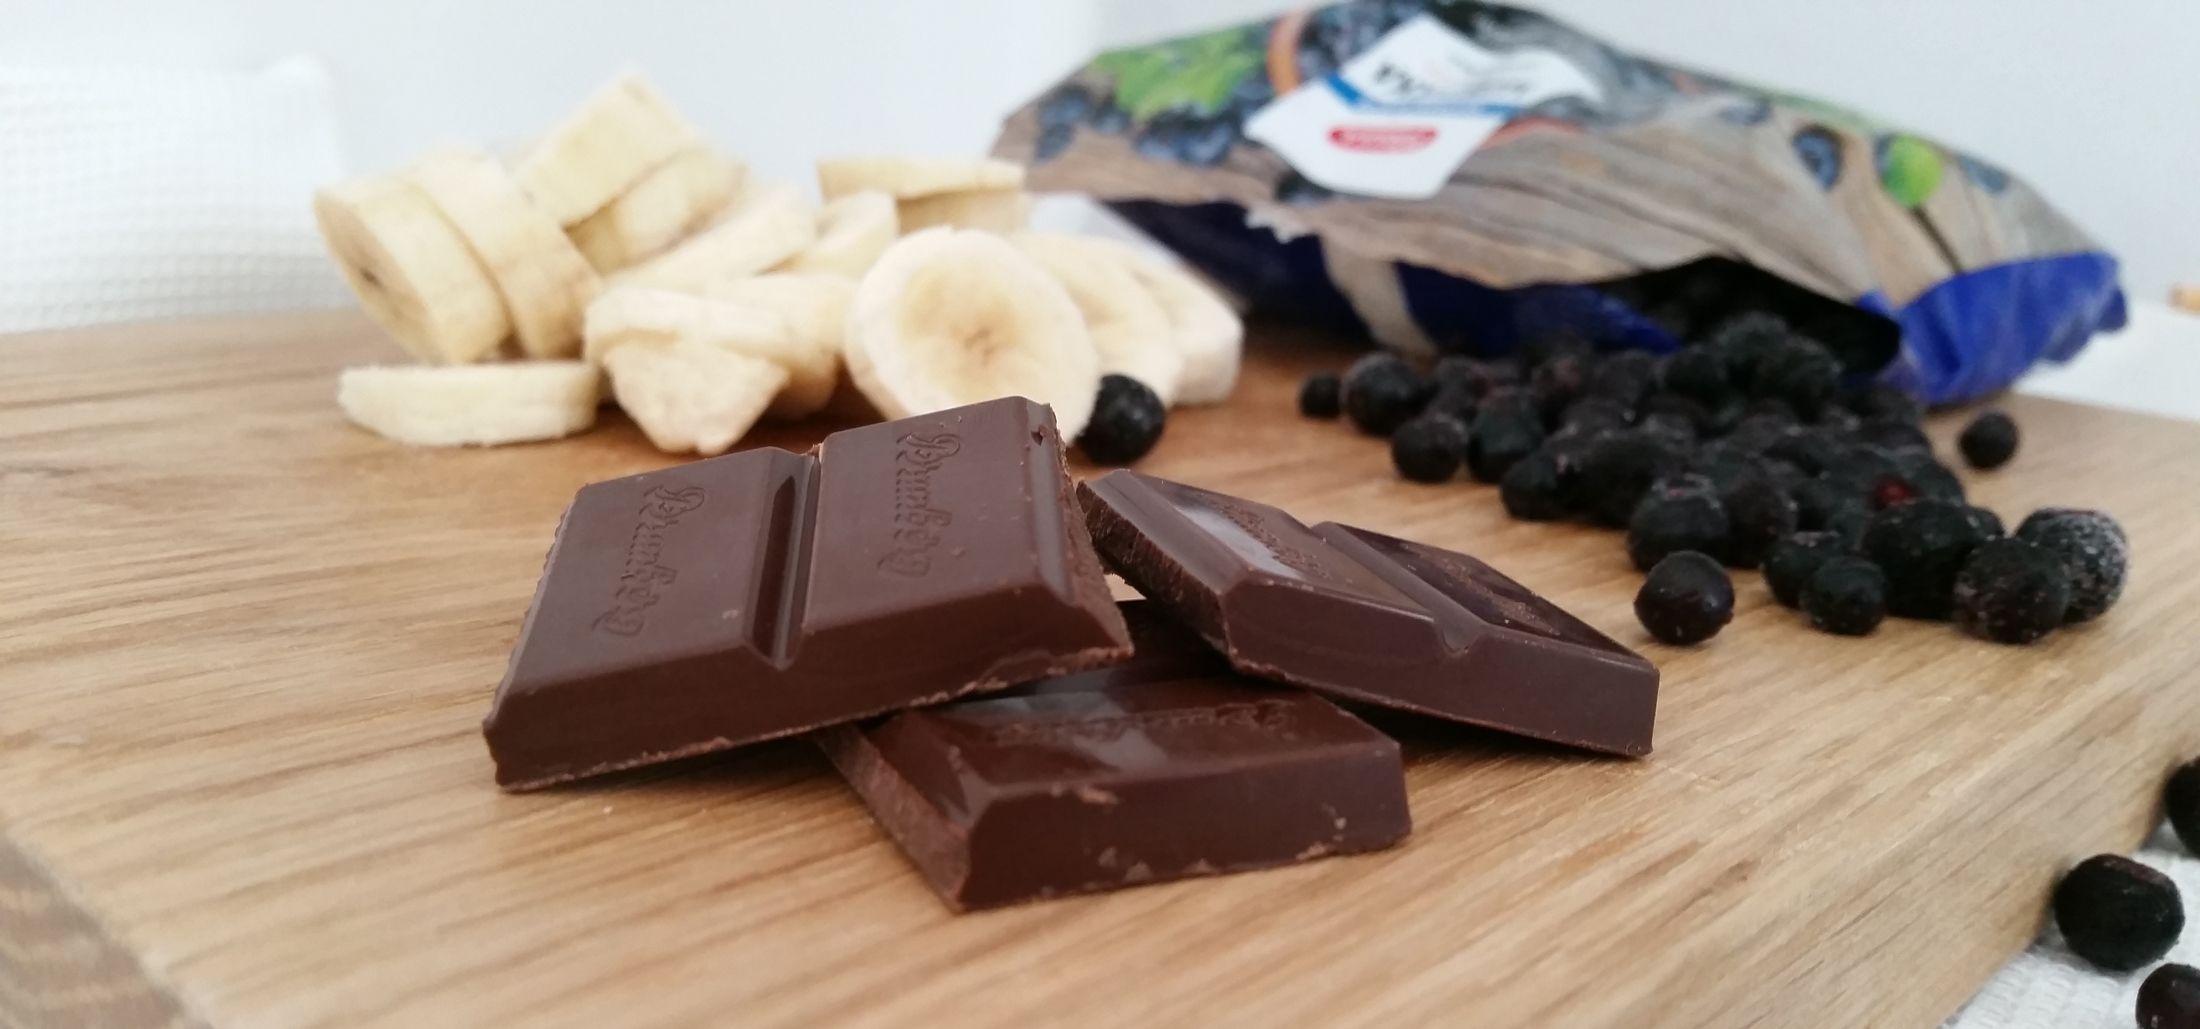 Tässä ei voida oikein suoraan puhua jäätelöstä, sillä tämä ei sisällä maitotuotteita eikä lisättyjä sokereita, mutta on silti herkullinen jälkiruoka – terveellinen jälkiruoka. Aiemmin DailyChicissä julkaistiin kahden raaka-aineen banaanimyslikeksit ja nyt olisi luvassa kahden raaka-aineen jälkiruoka. Kahden annoksen valmistamiseen tarvitset: 1 banaani 1dl mustikoita Ohje: 1. Banaanit siivutetaan ensin ja pistetään pakastimeen vähintään 4 tunniksi.…